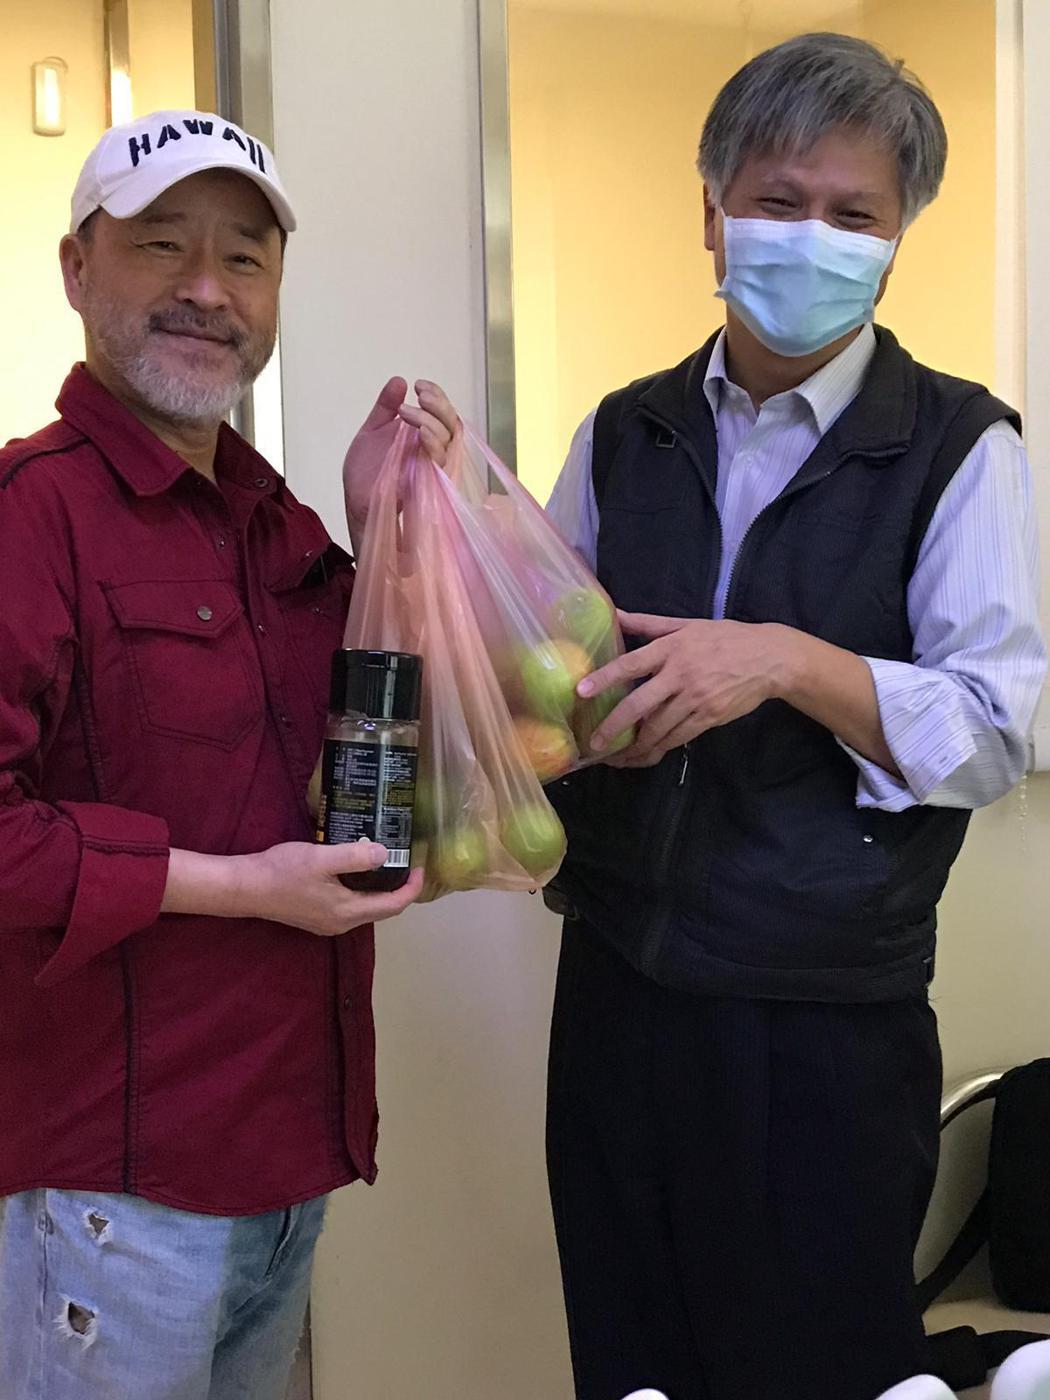 吳蕚洋推薦蜂蜜檸檬給班鐵翔。圖/讀者提供